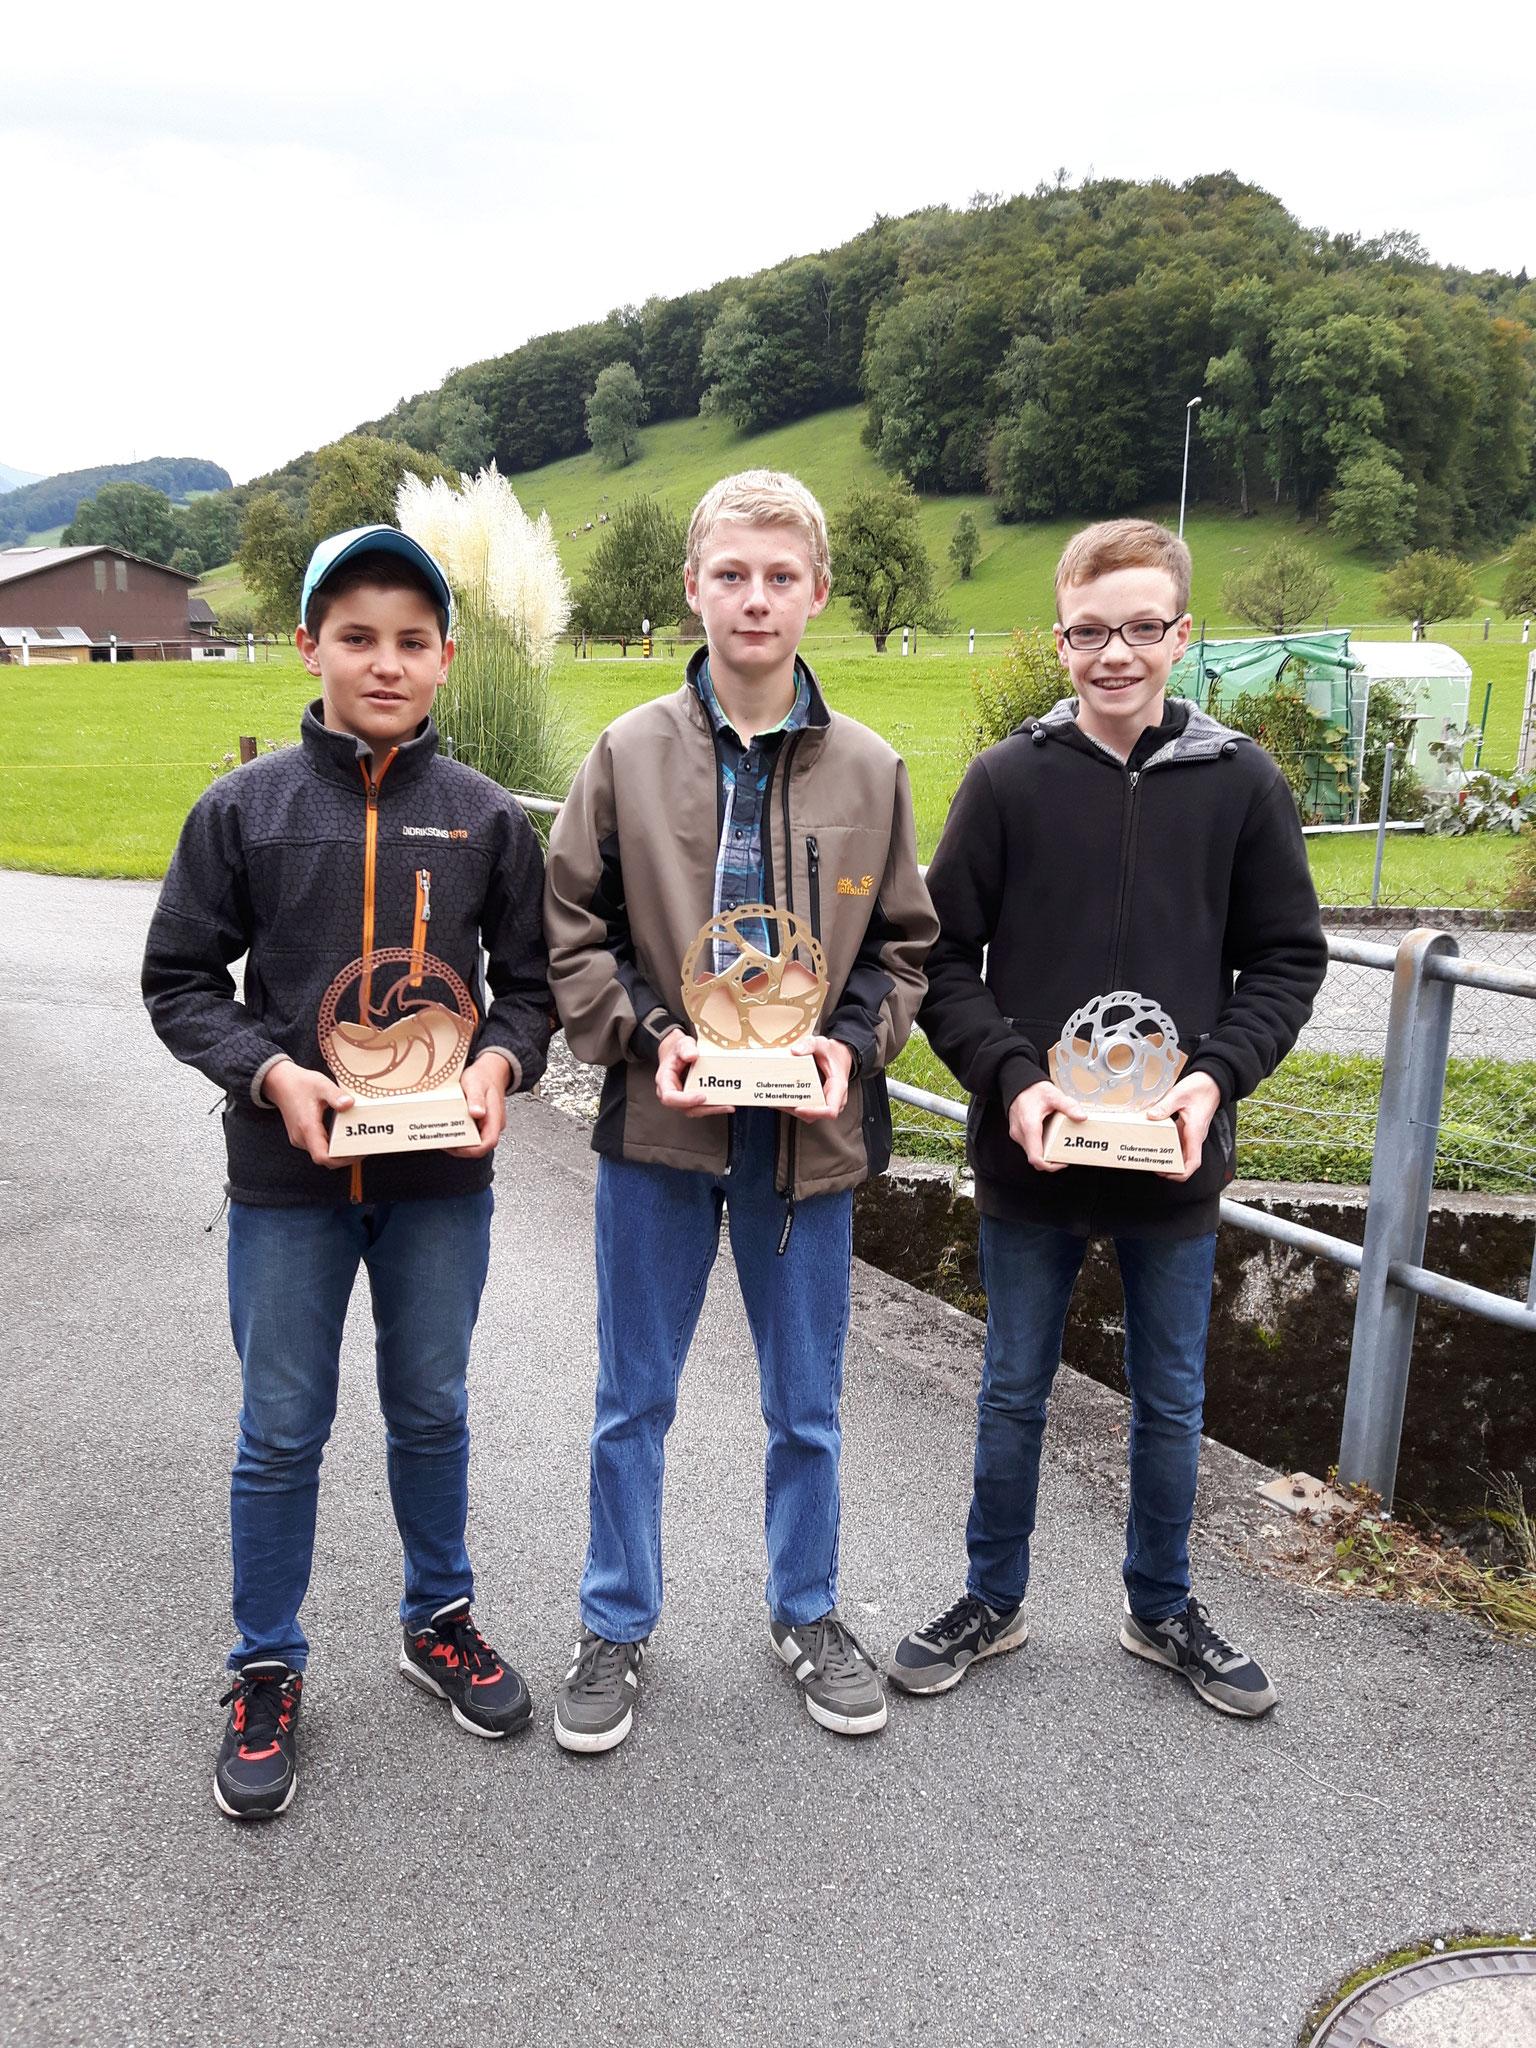 Club Junioren: 1.Rang Lukas Luchsinger  2.Rang Andrin Egli  3.Rang Simon Seliner